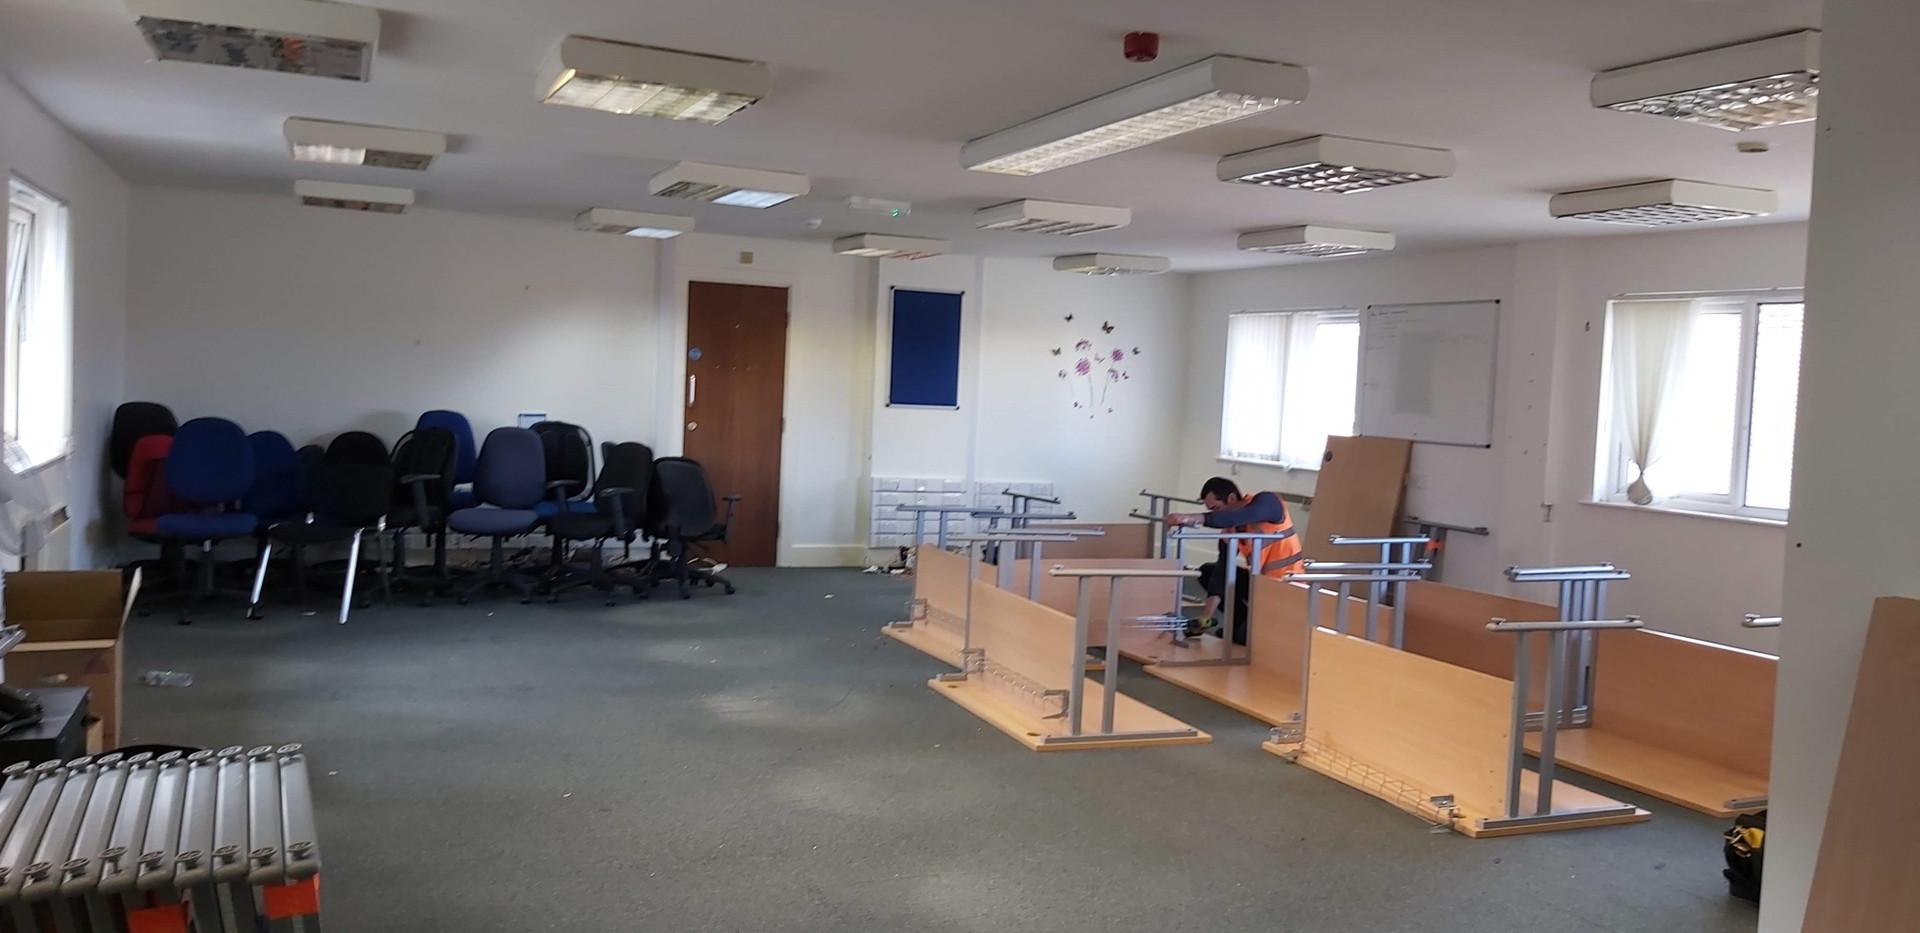 Office Clearance Project in Birkenhead